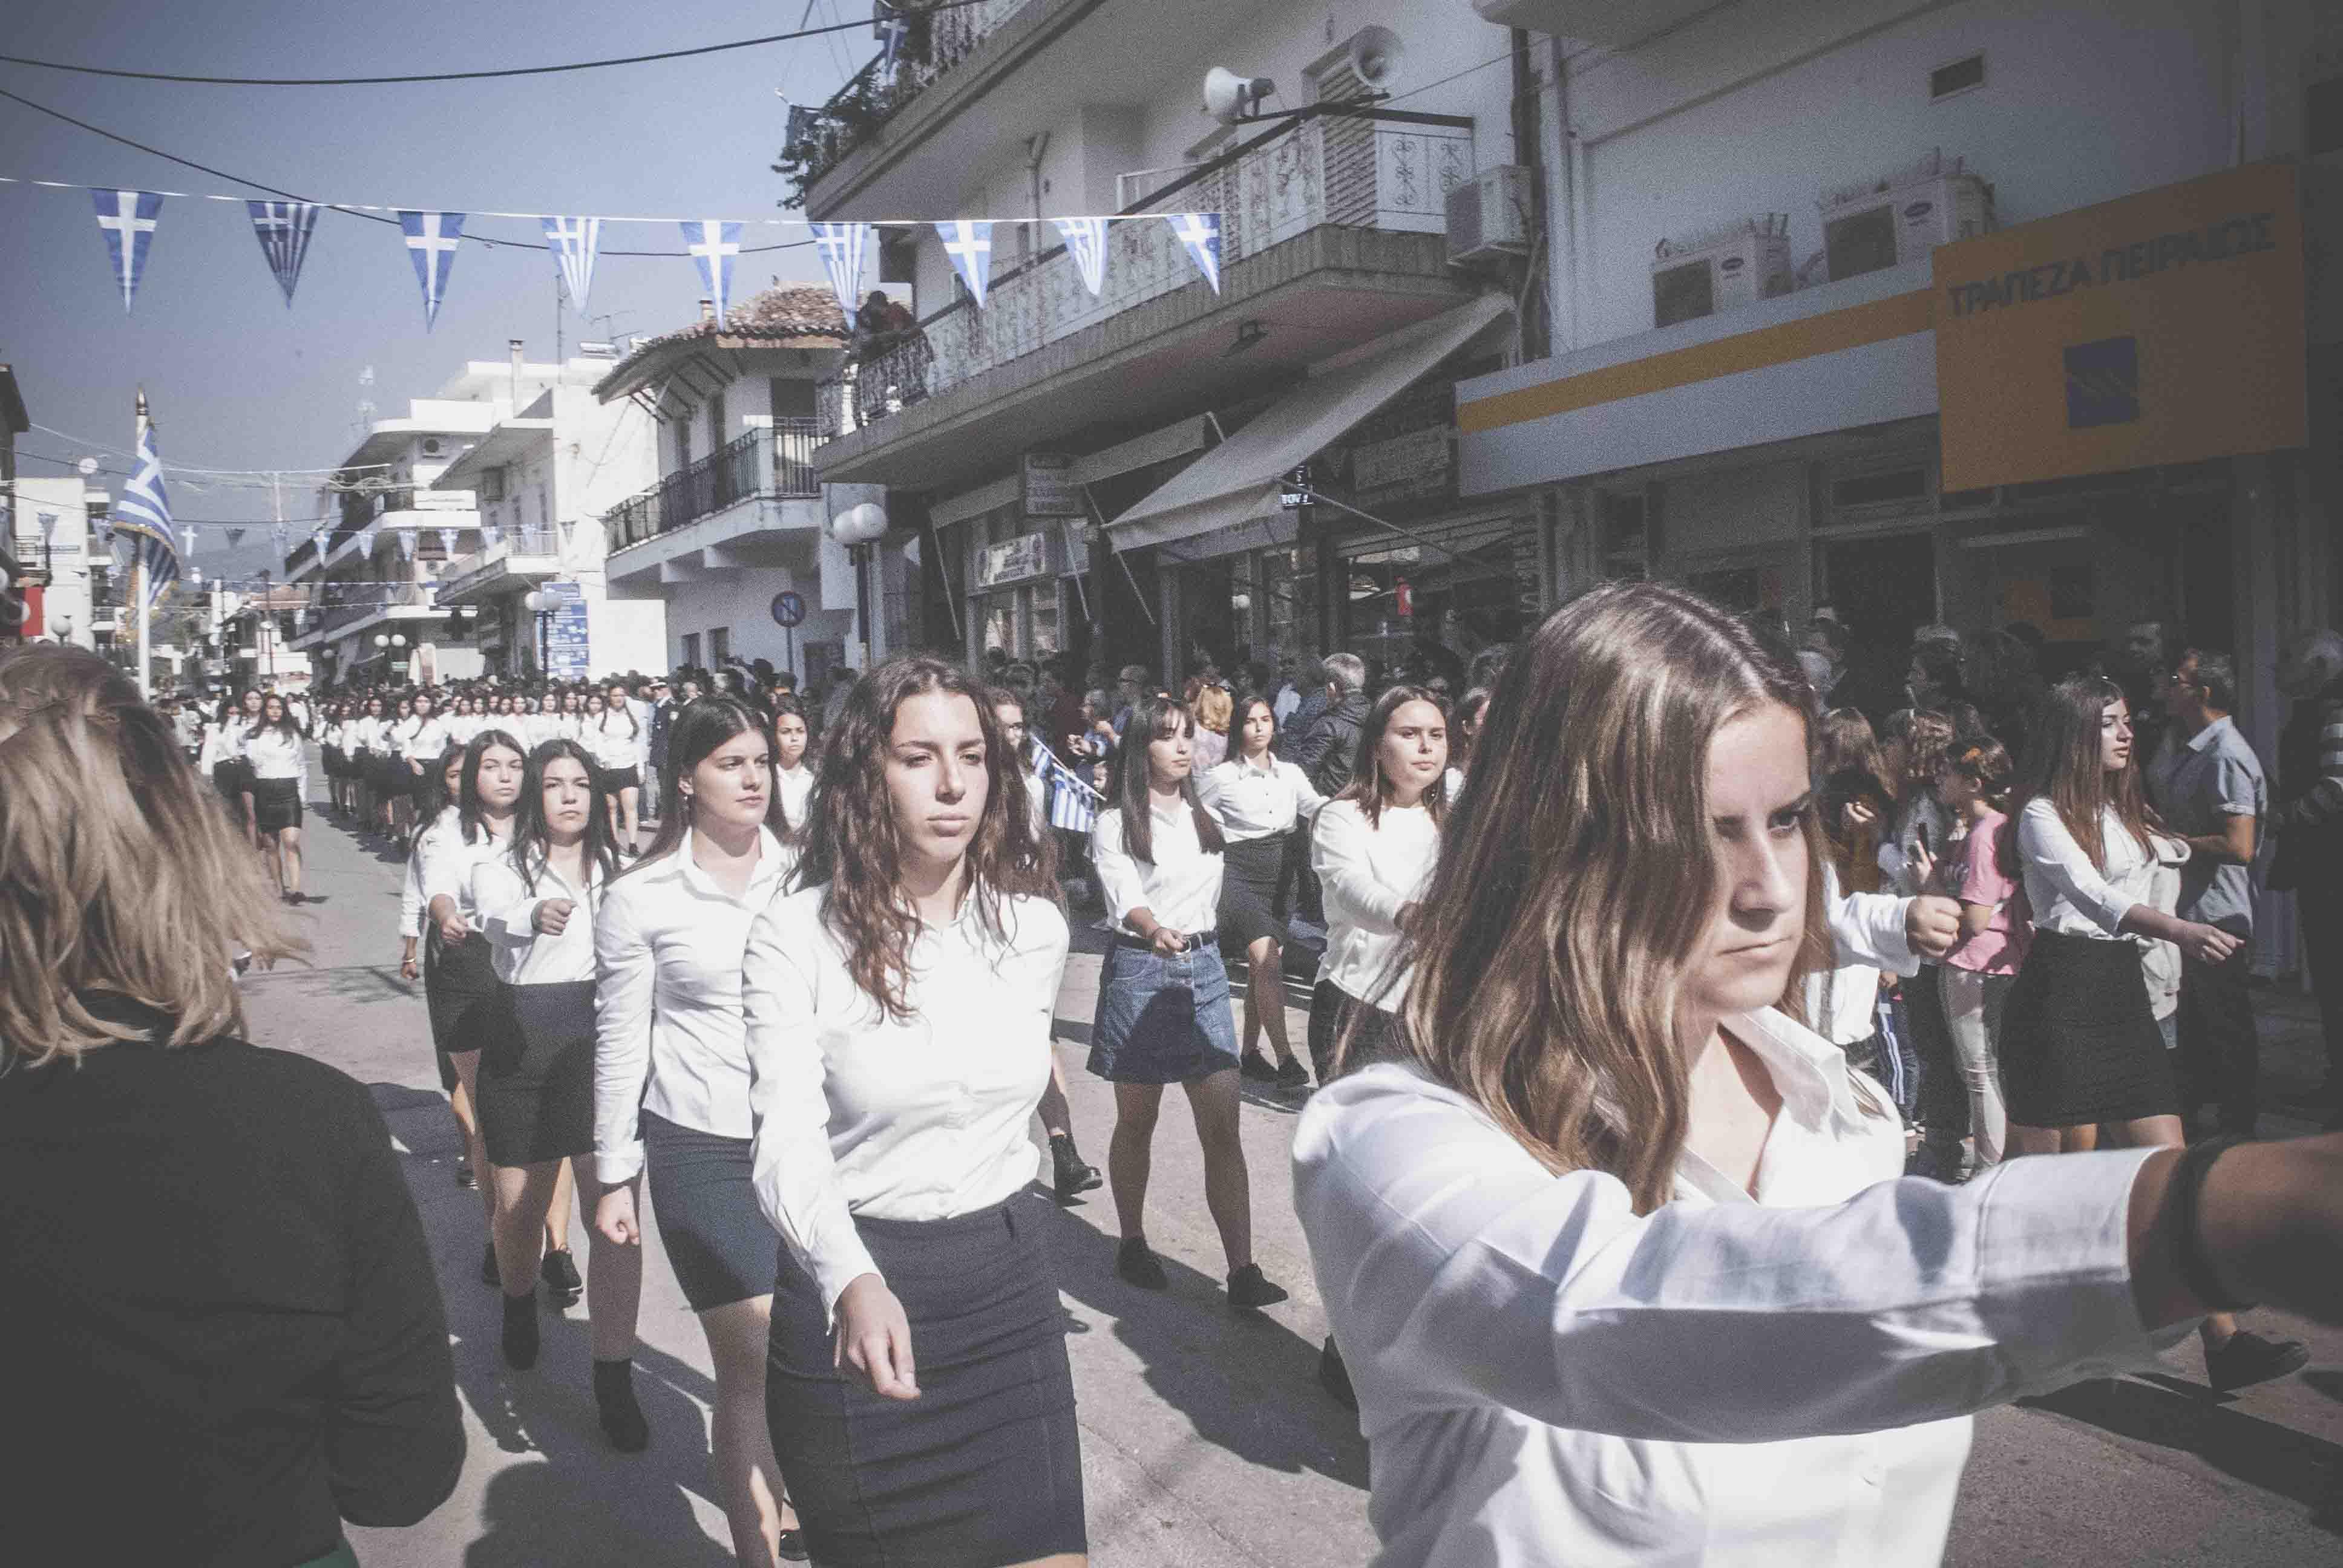 Φωτογραφικό υλικό από την παρέλαση στα Ψαχνά DSC 0409  Η παρέλαση της 28ης Οκτωβρίου σε Καστέλλα και Ψαχνά (φωτό) DSC 0409